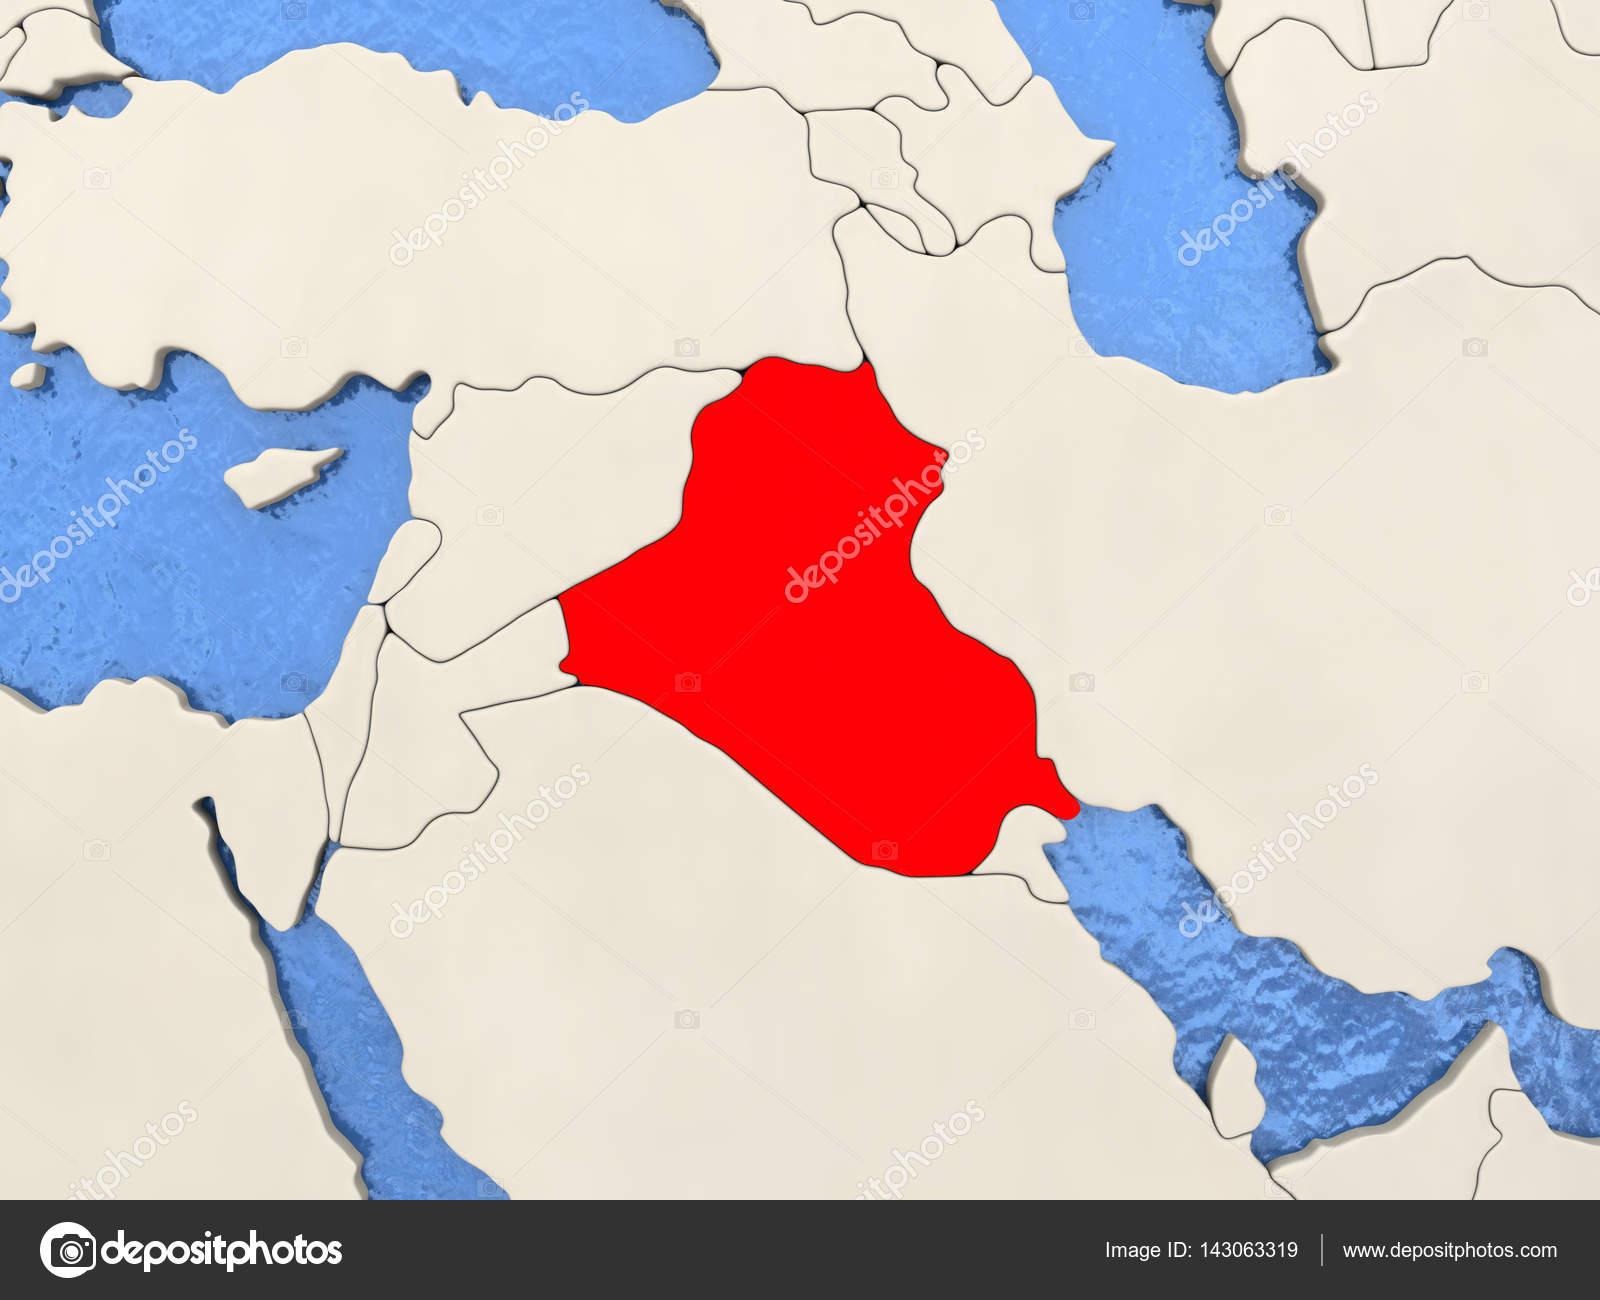 Irak mapa fotos de stock tomiger 143063319 irak mapa fotos de stock gumiabroncs Image collections